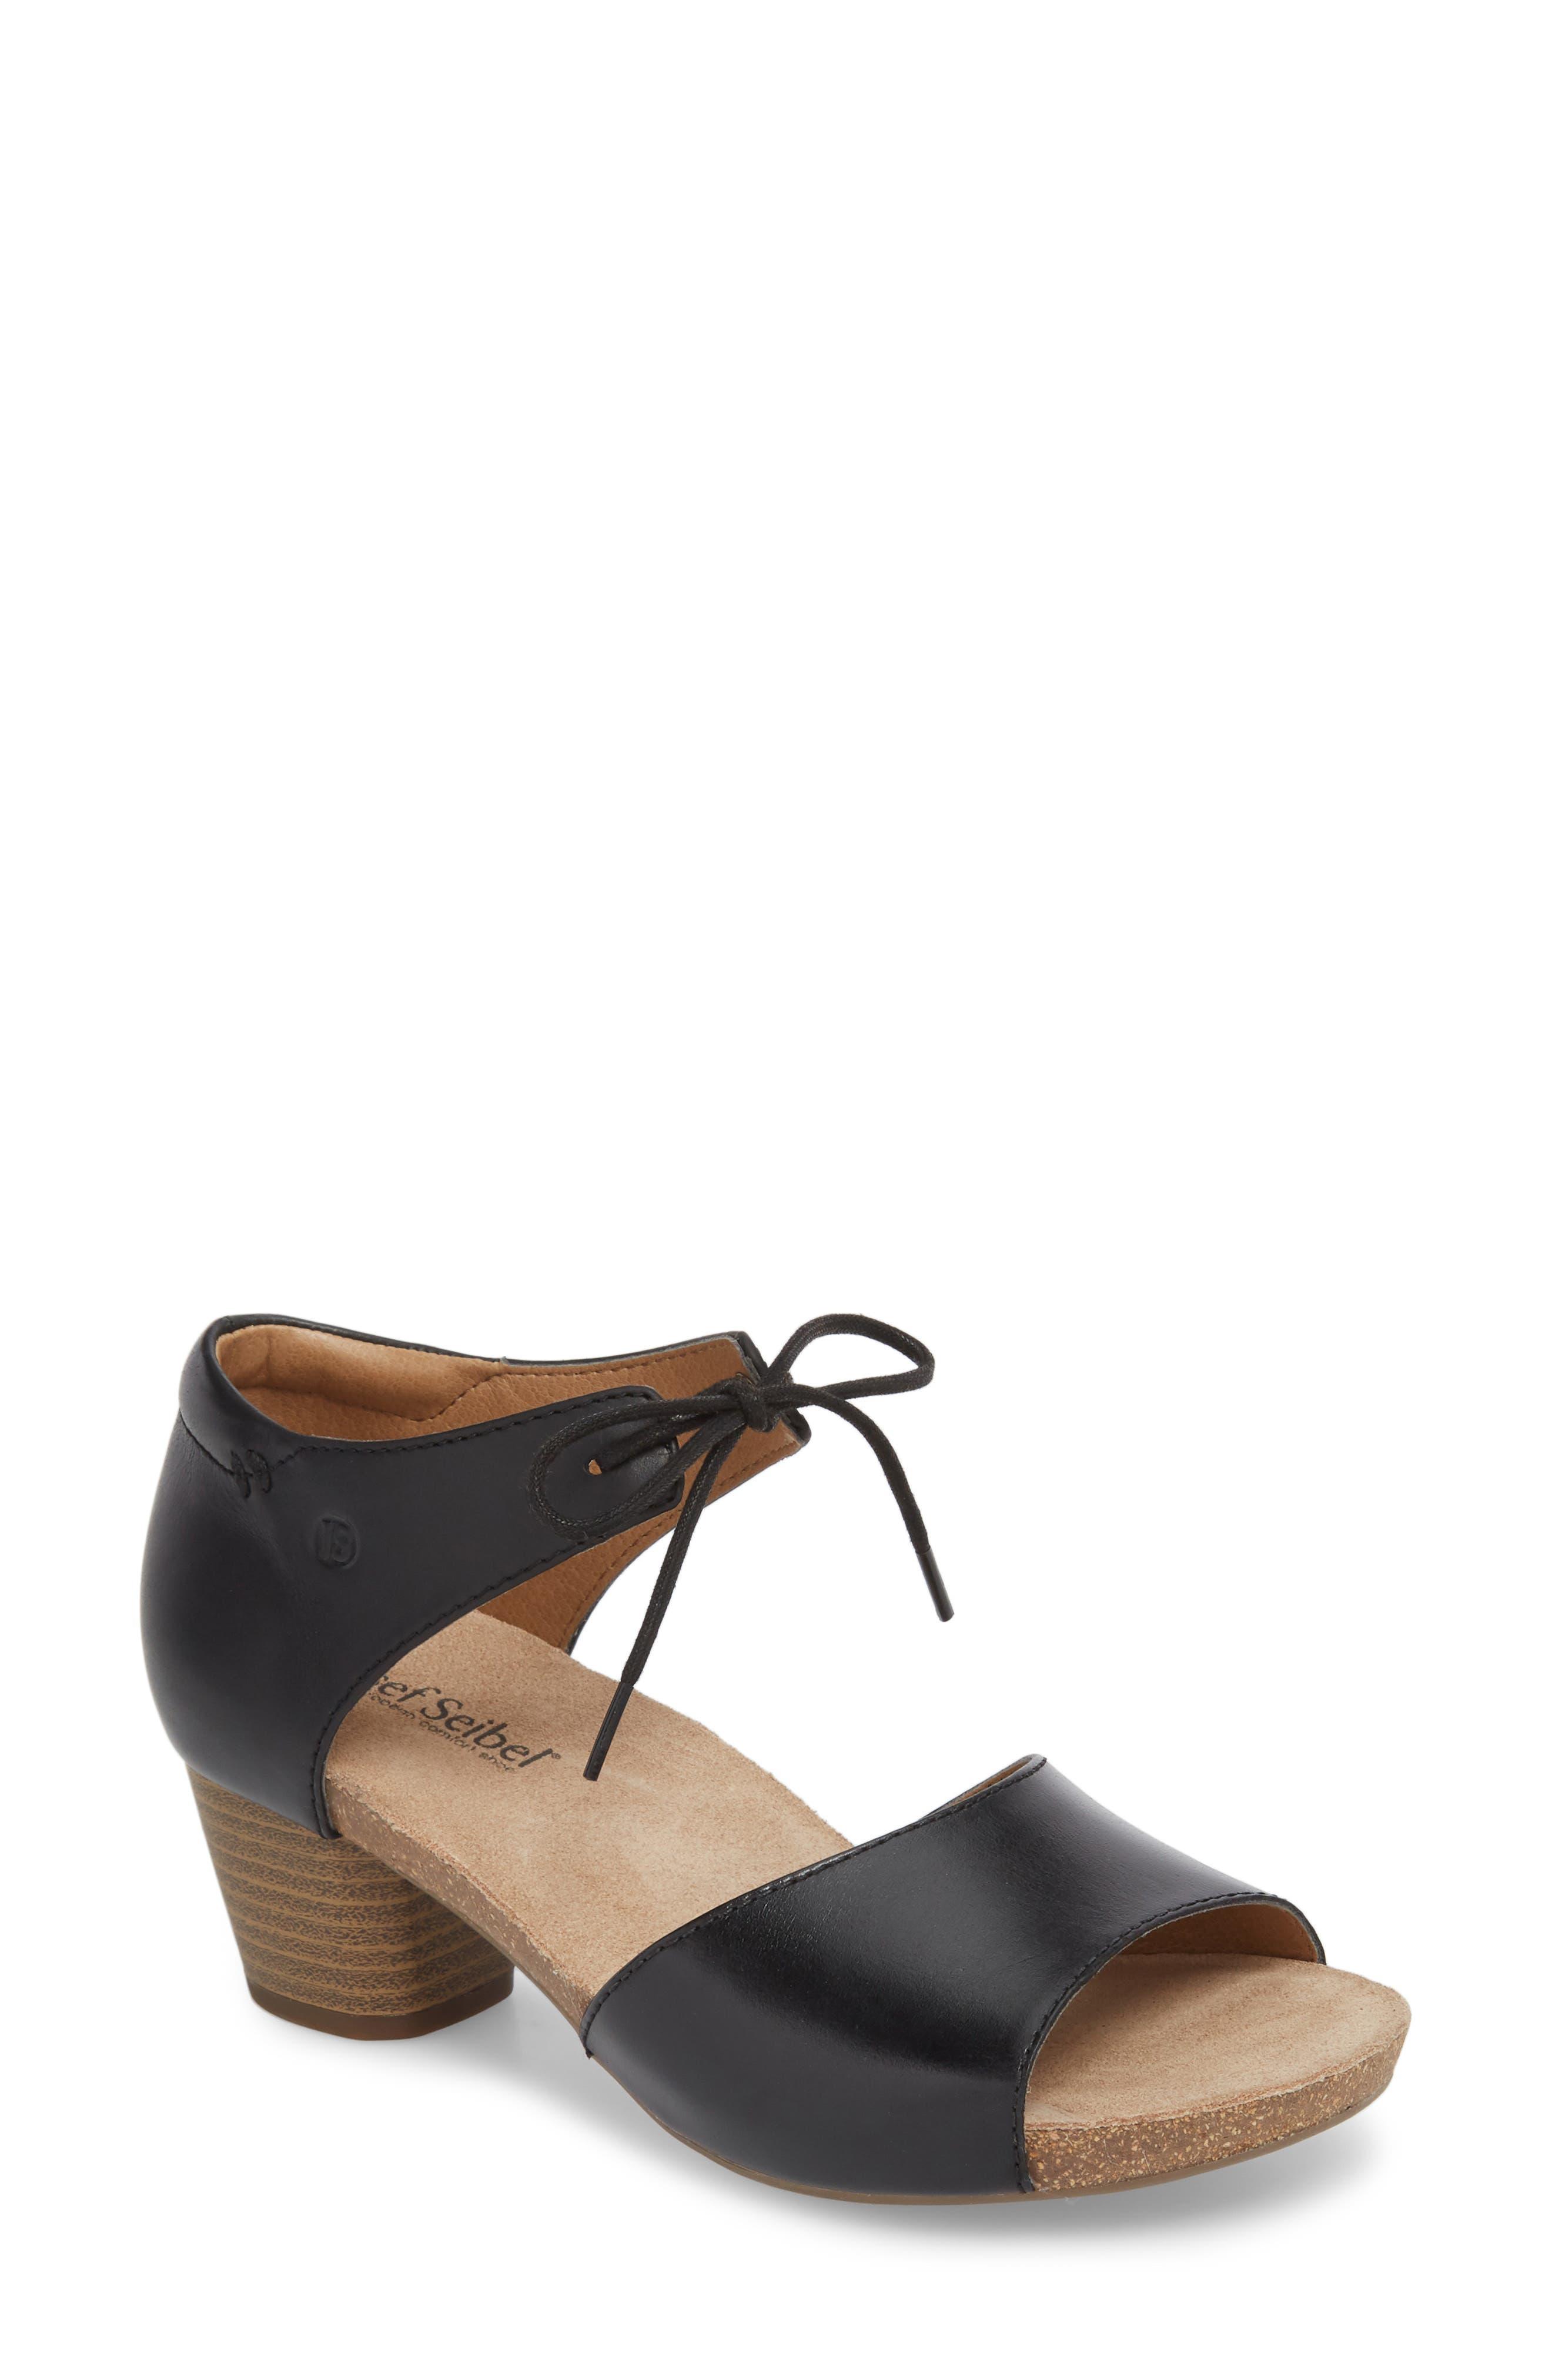 JOSEF SEIBEL Rose 23 Tie Front Sandal, Main, color, 001